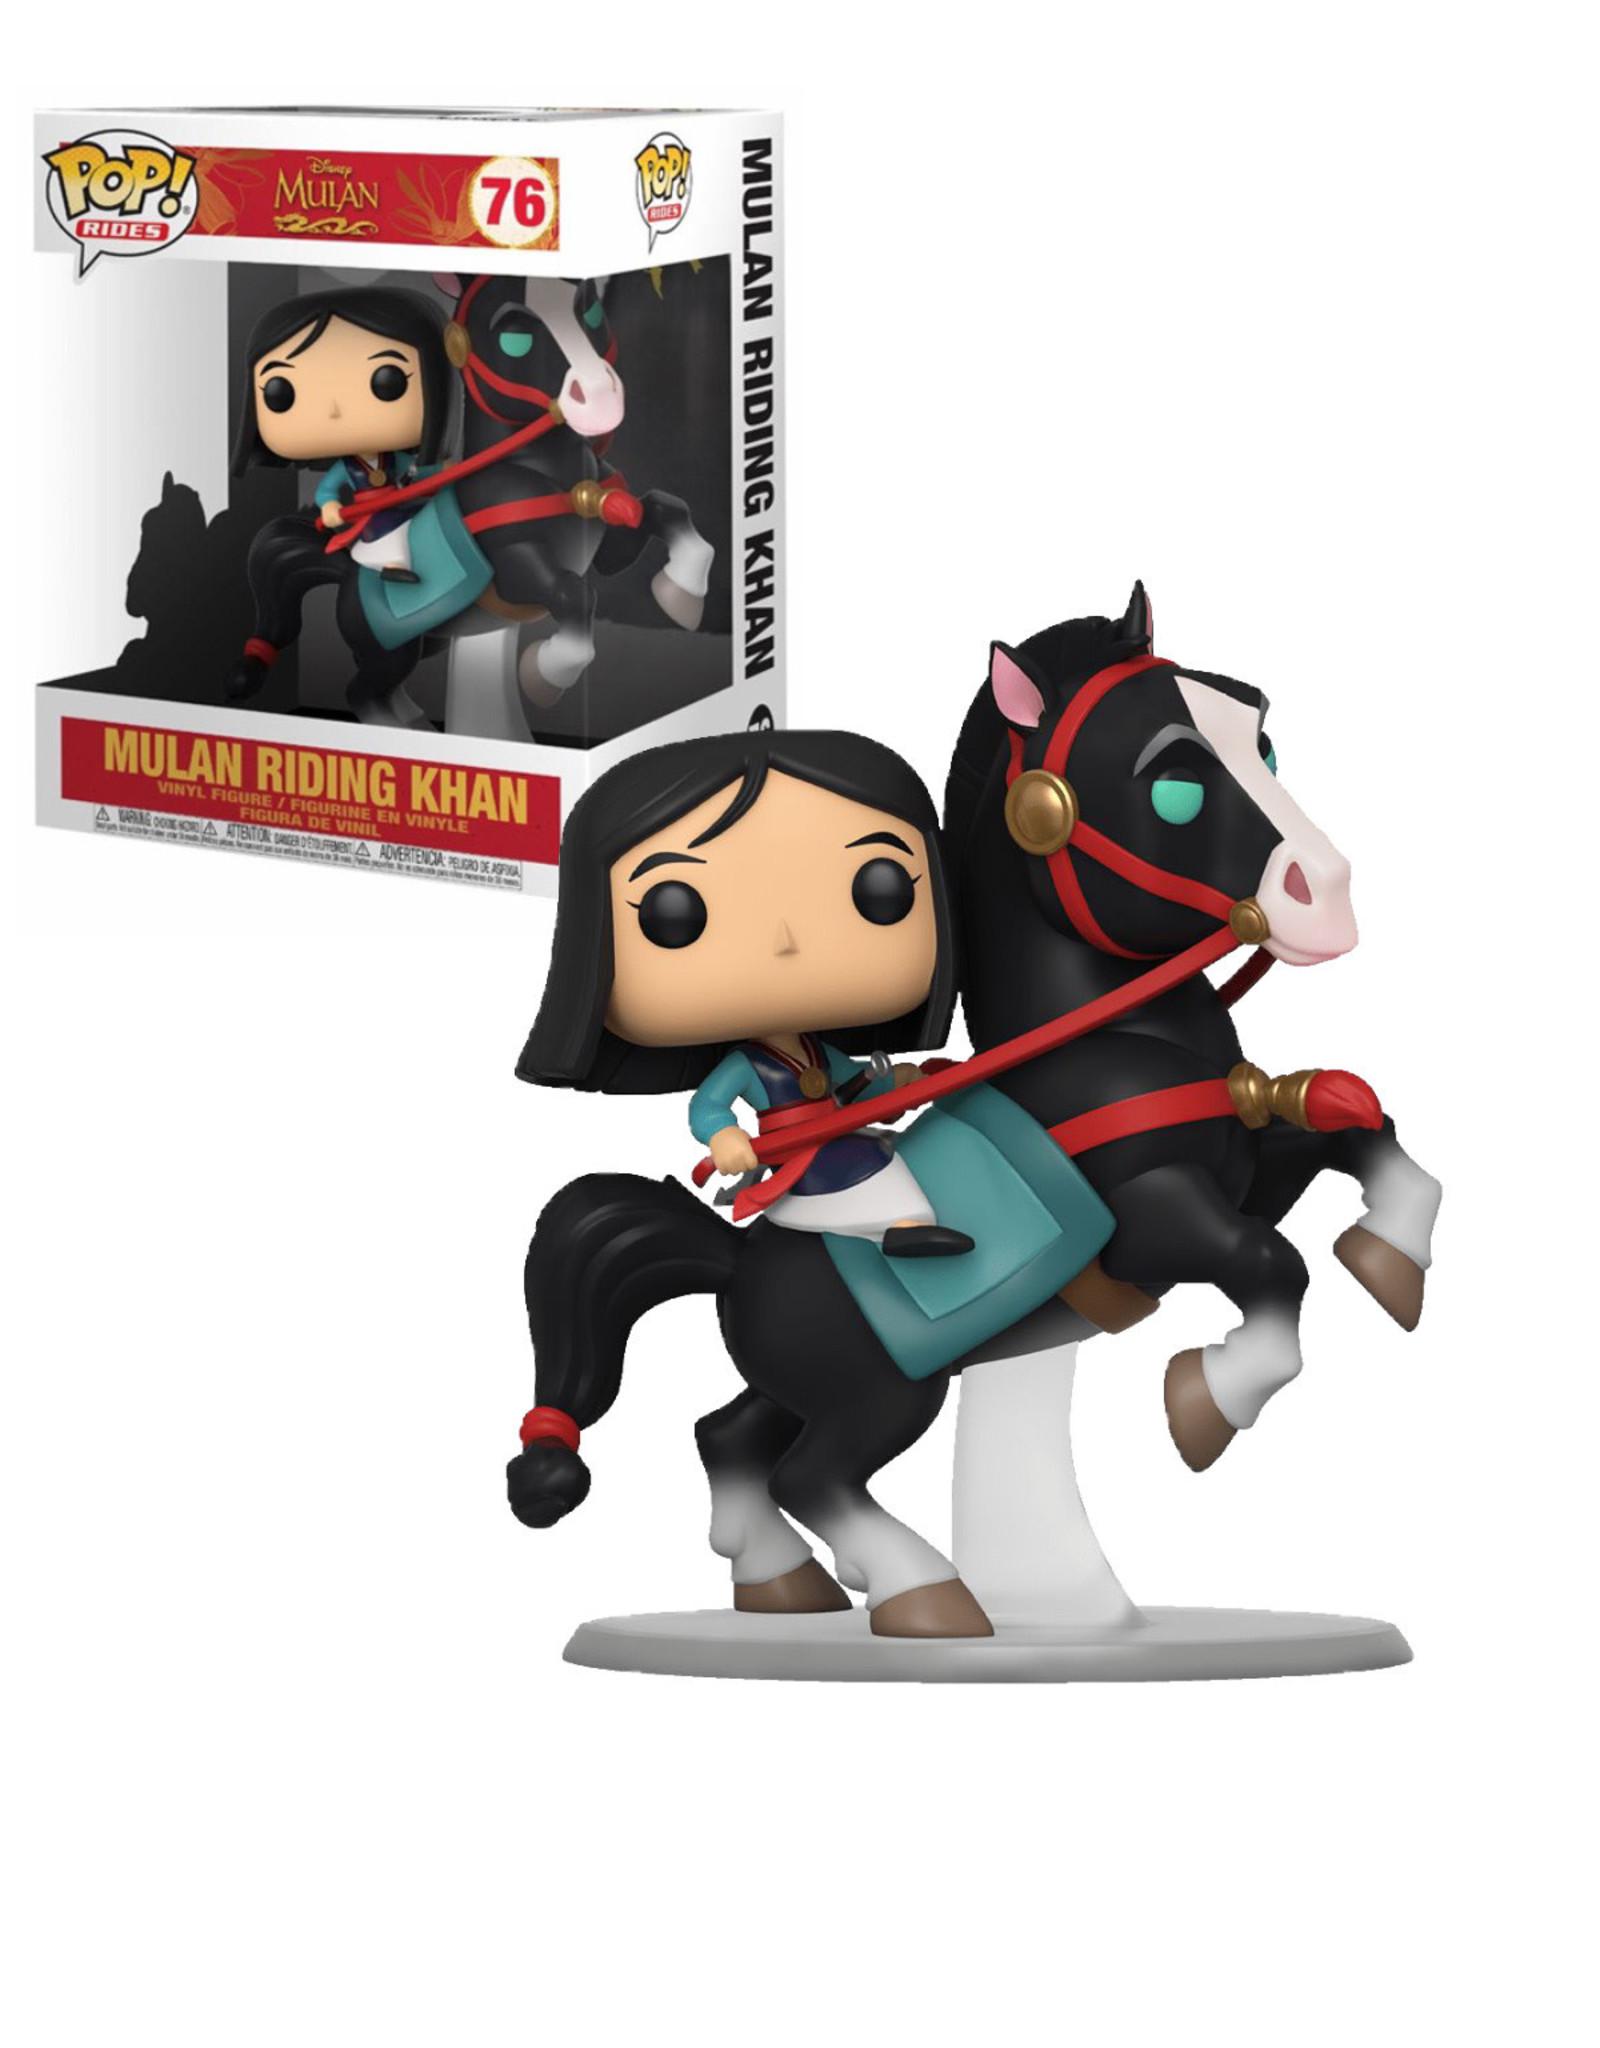 Disney Mulan 76 ( Funko Pop ) Mulan Riding Khan